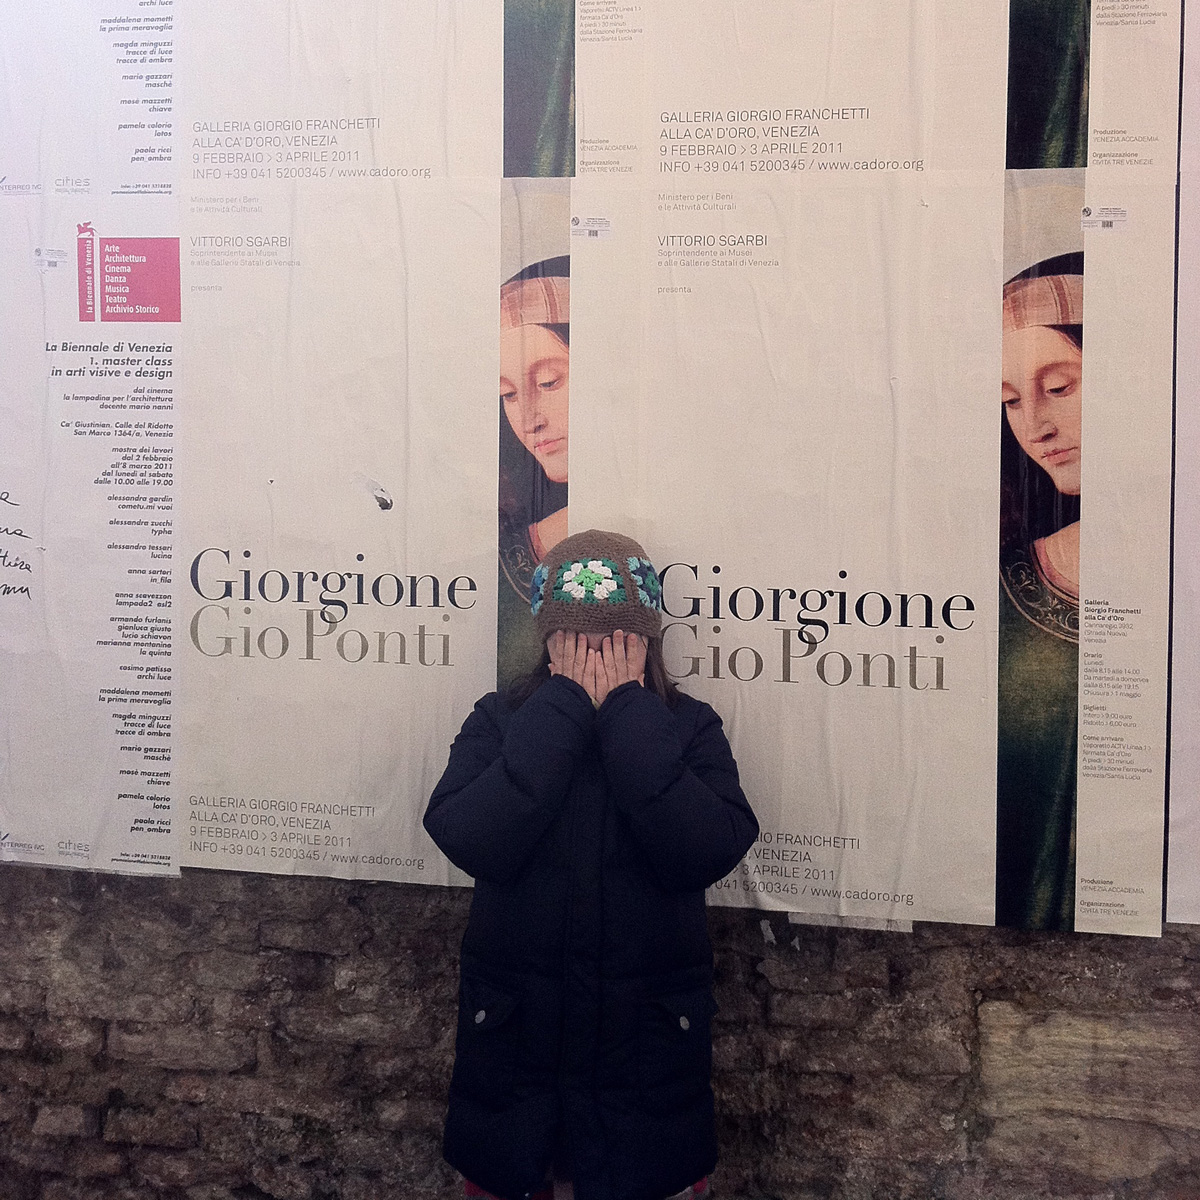 GiorgioneGio-Ponti-005